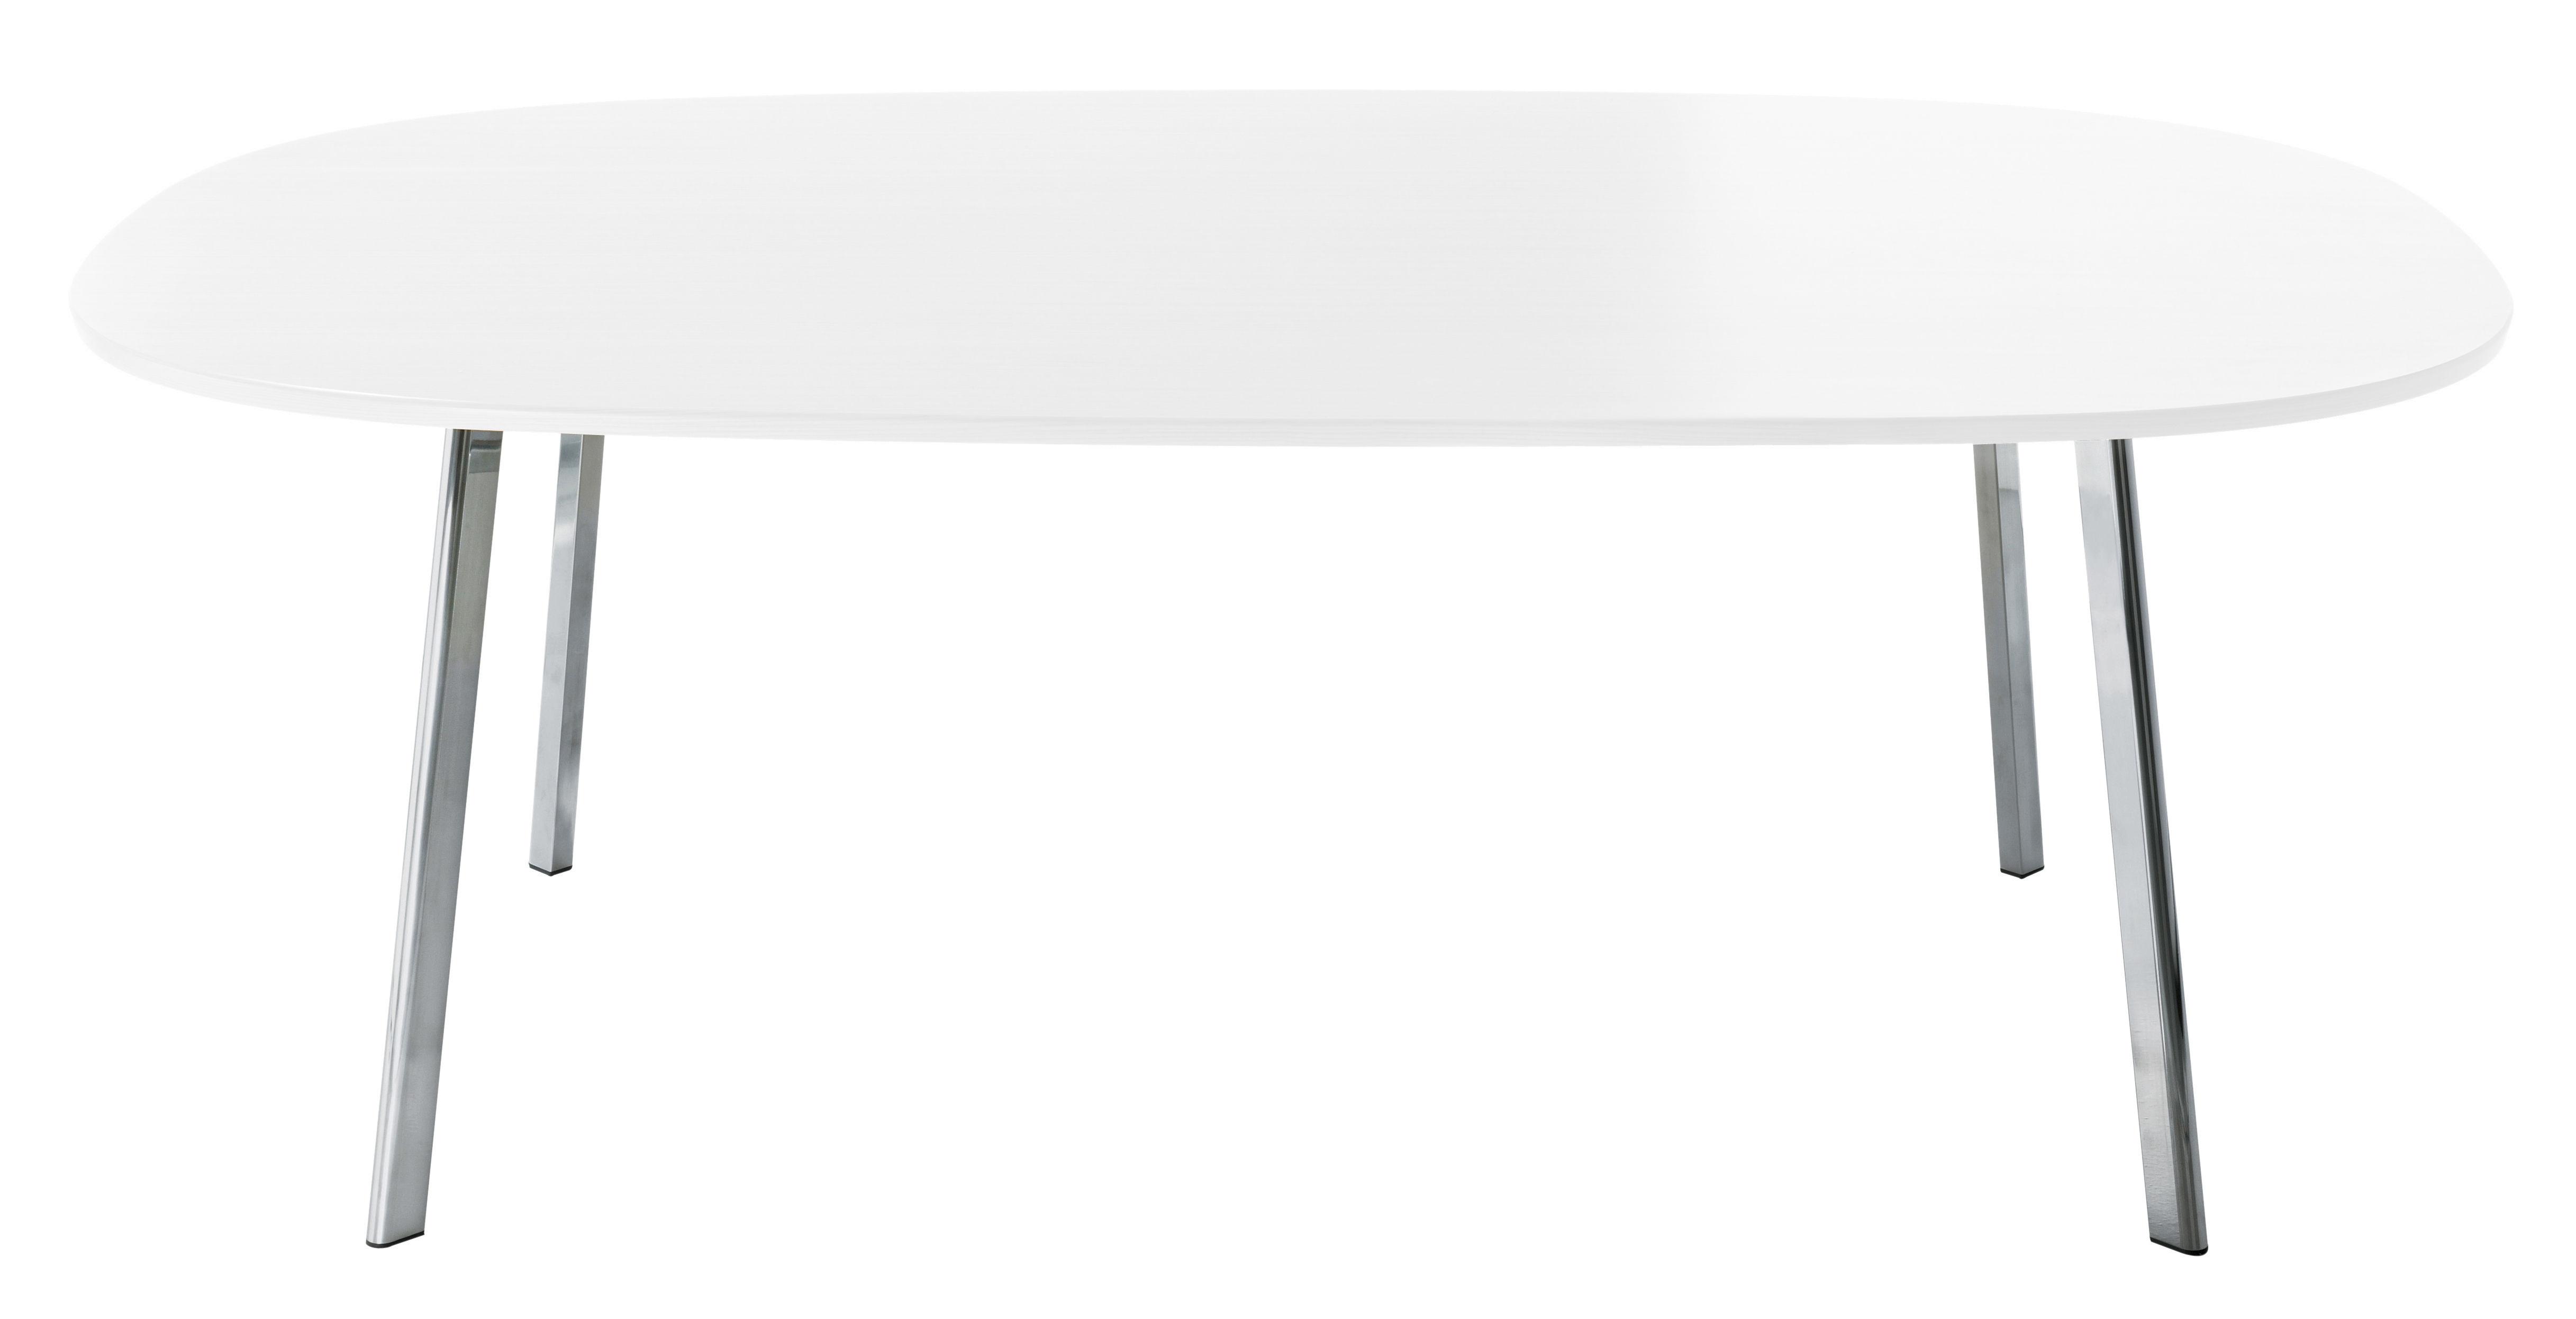 Dossiers - Design industriale - Tavolo rettangolare Déjà-vu - 200 cm di Magis - Piano bianco - Alluminio lucido, MDF verniciato